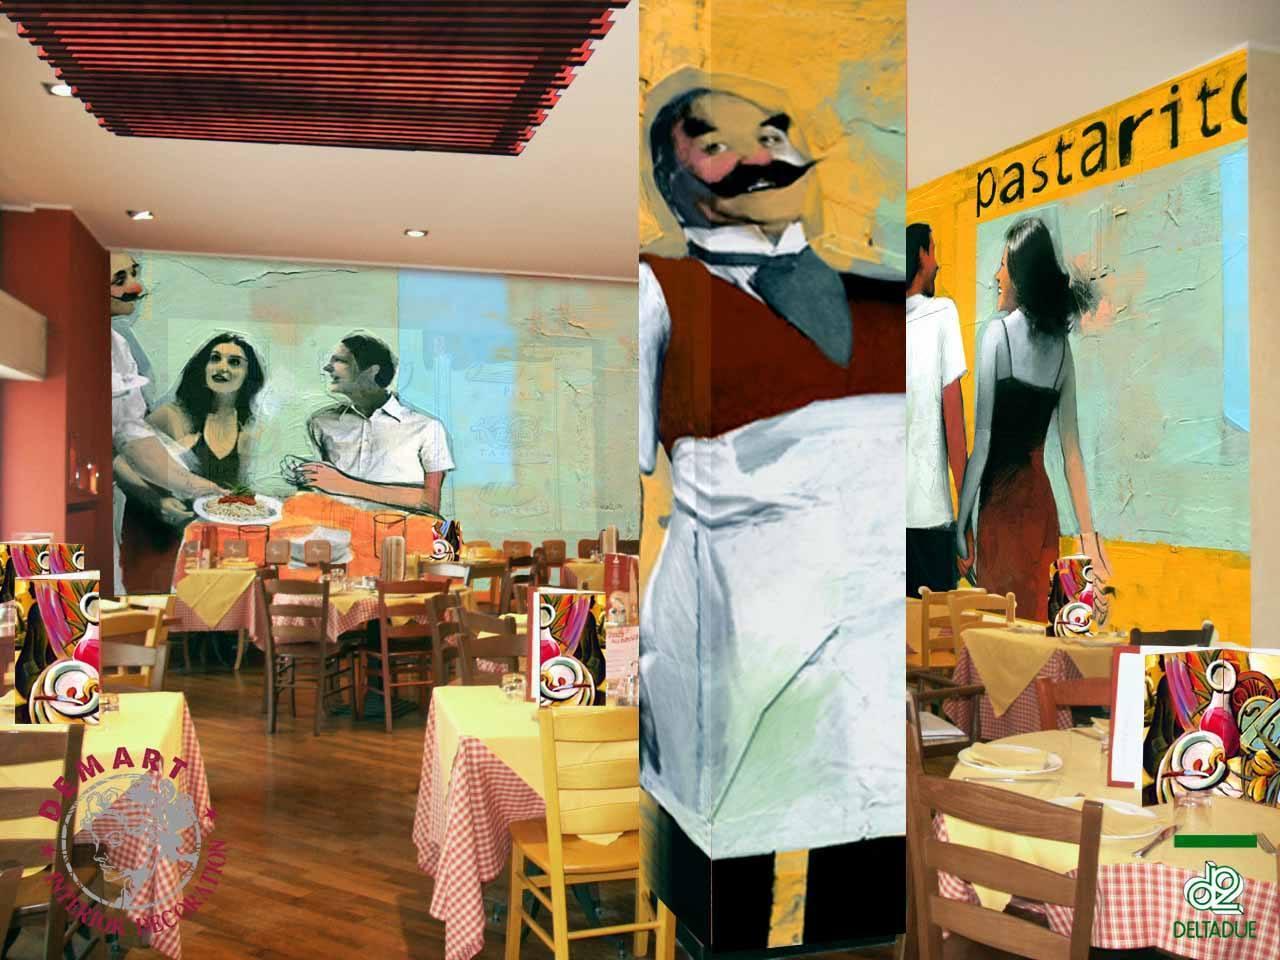 decorazione-parete-ristorante-pastarito-01